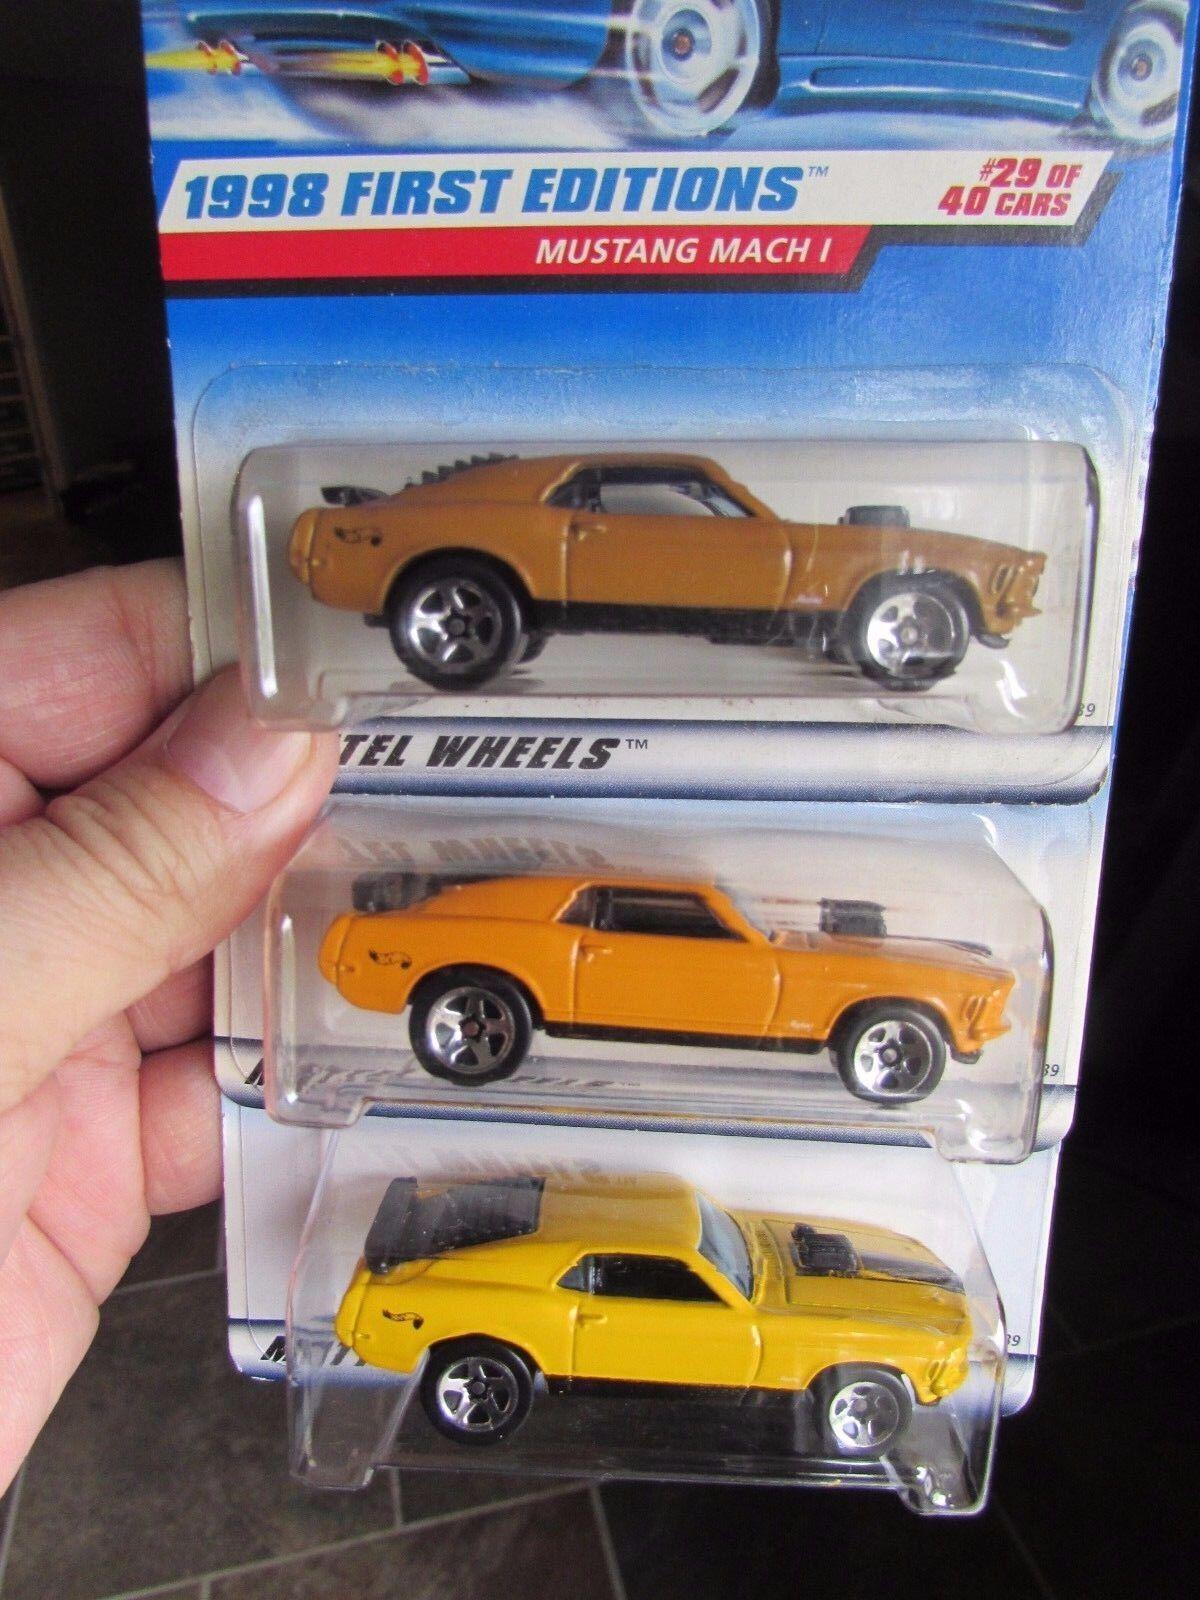 Hot wheels menge (3) mustang mach ich typen alle anderen selten